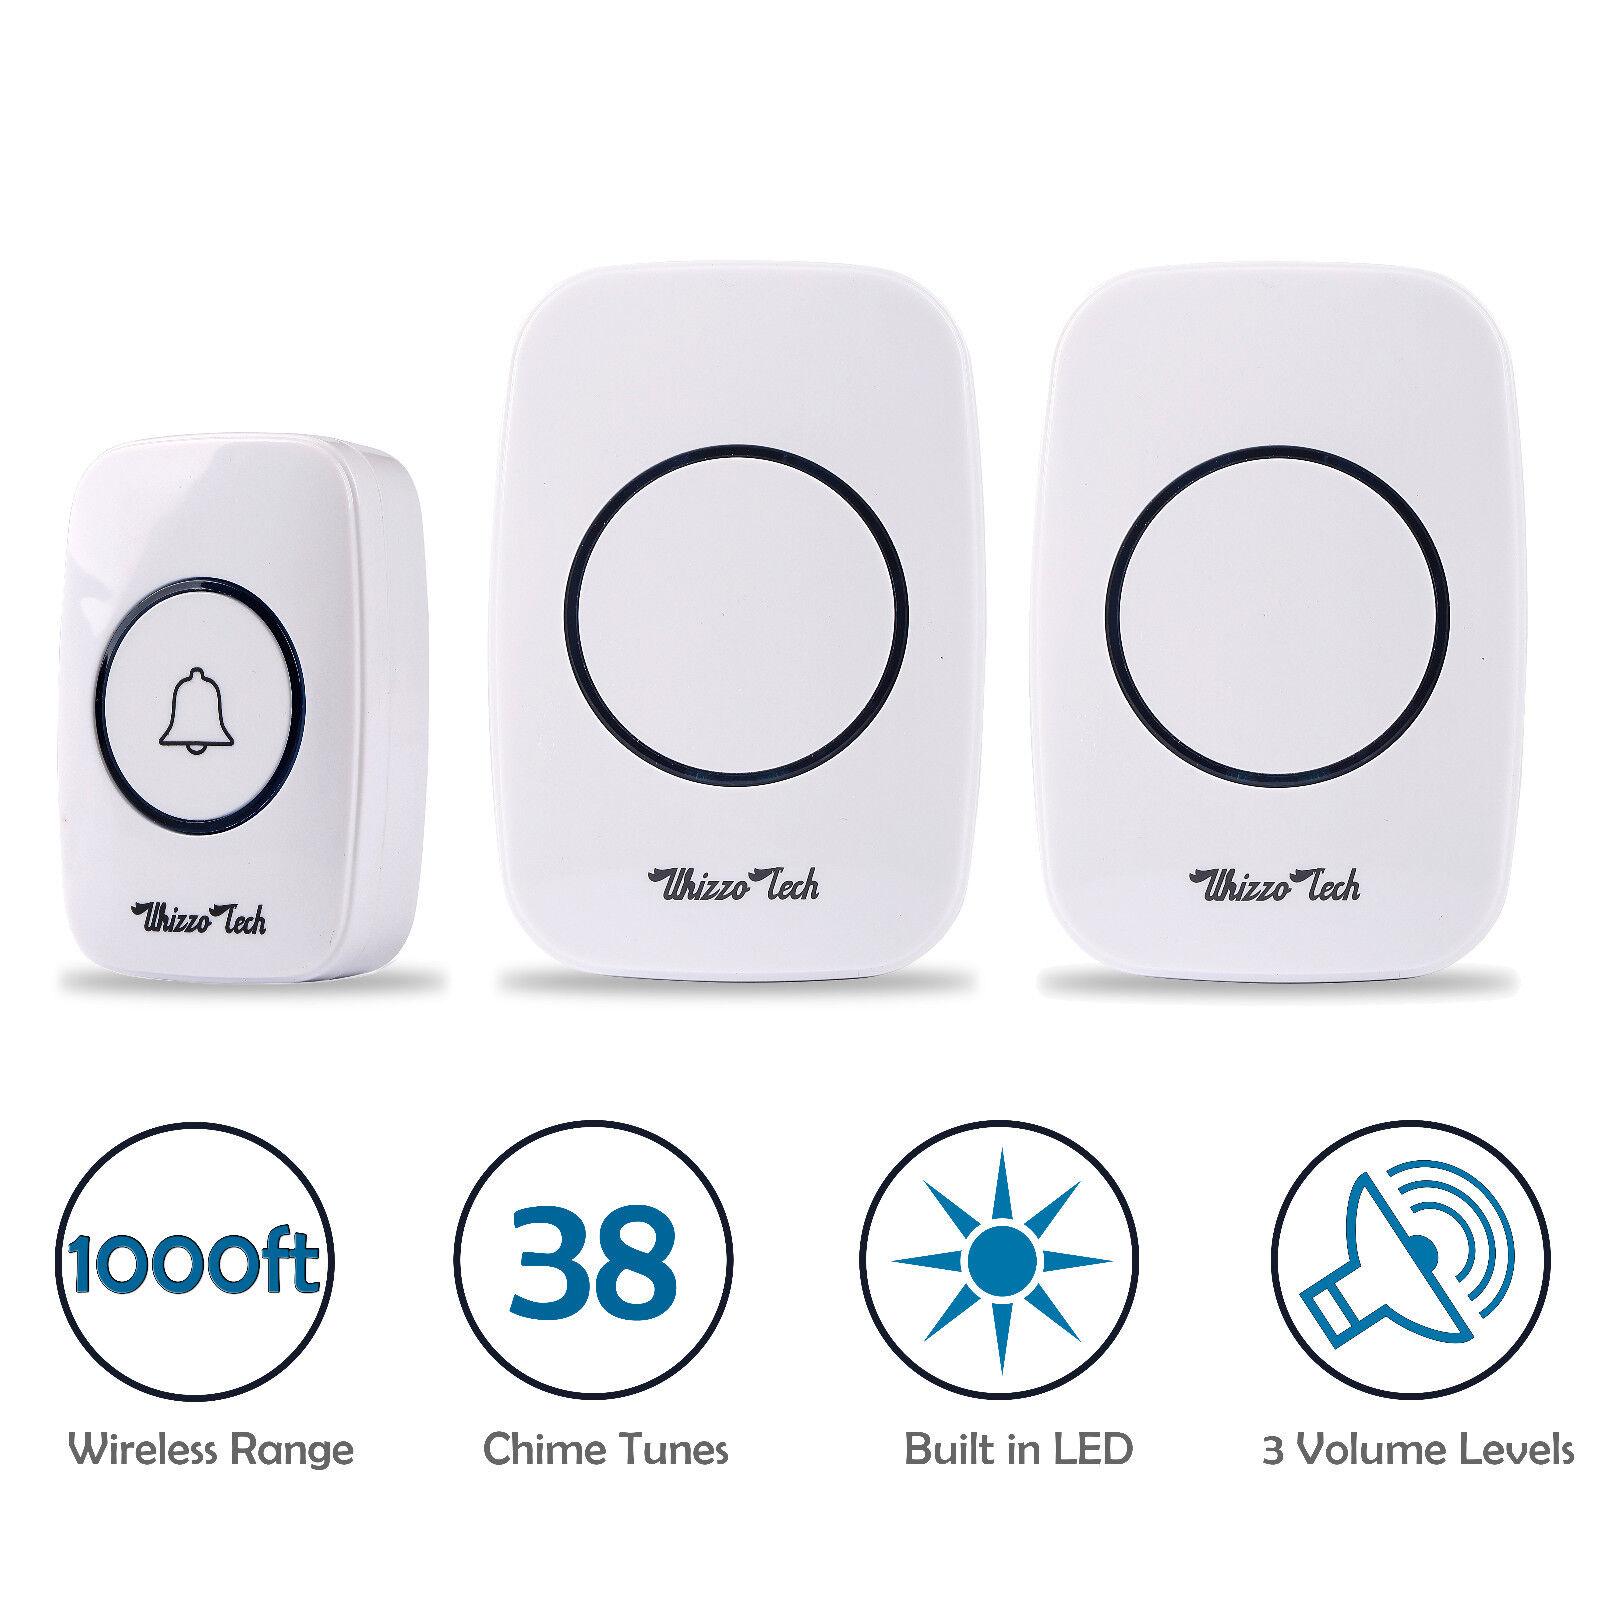 LED 3 Volume 1000FT Wireless Doorbell 38 Chime